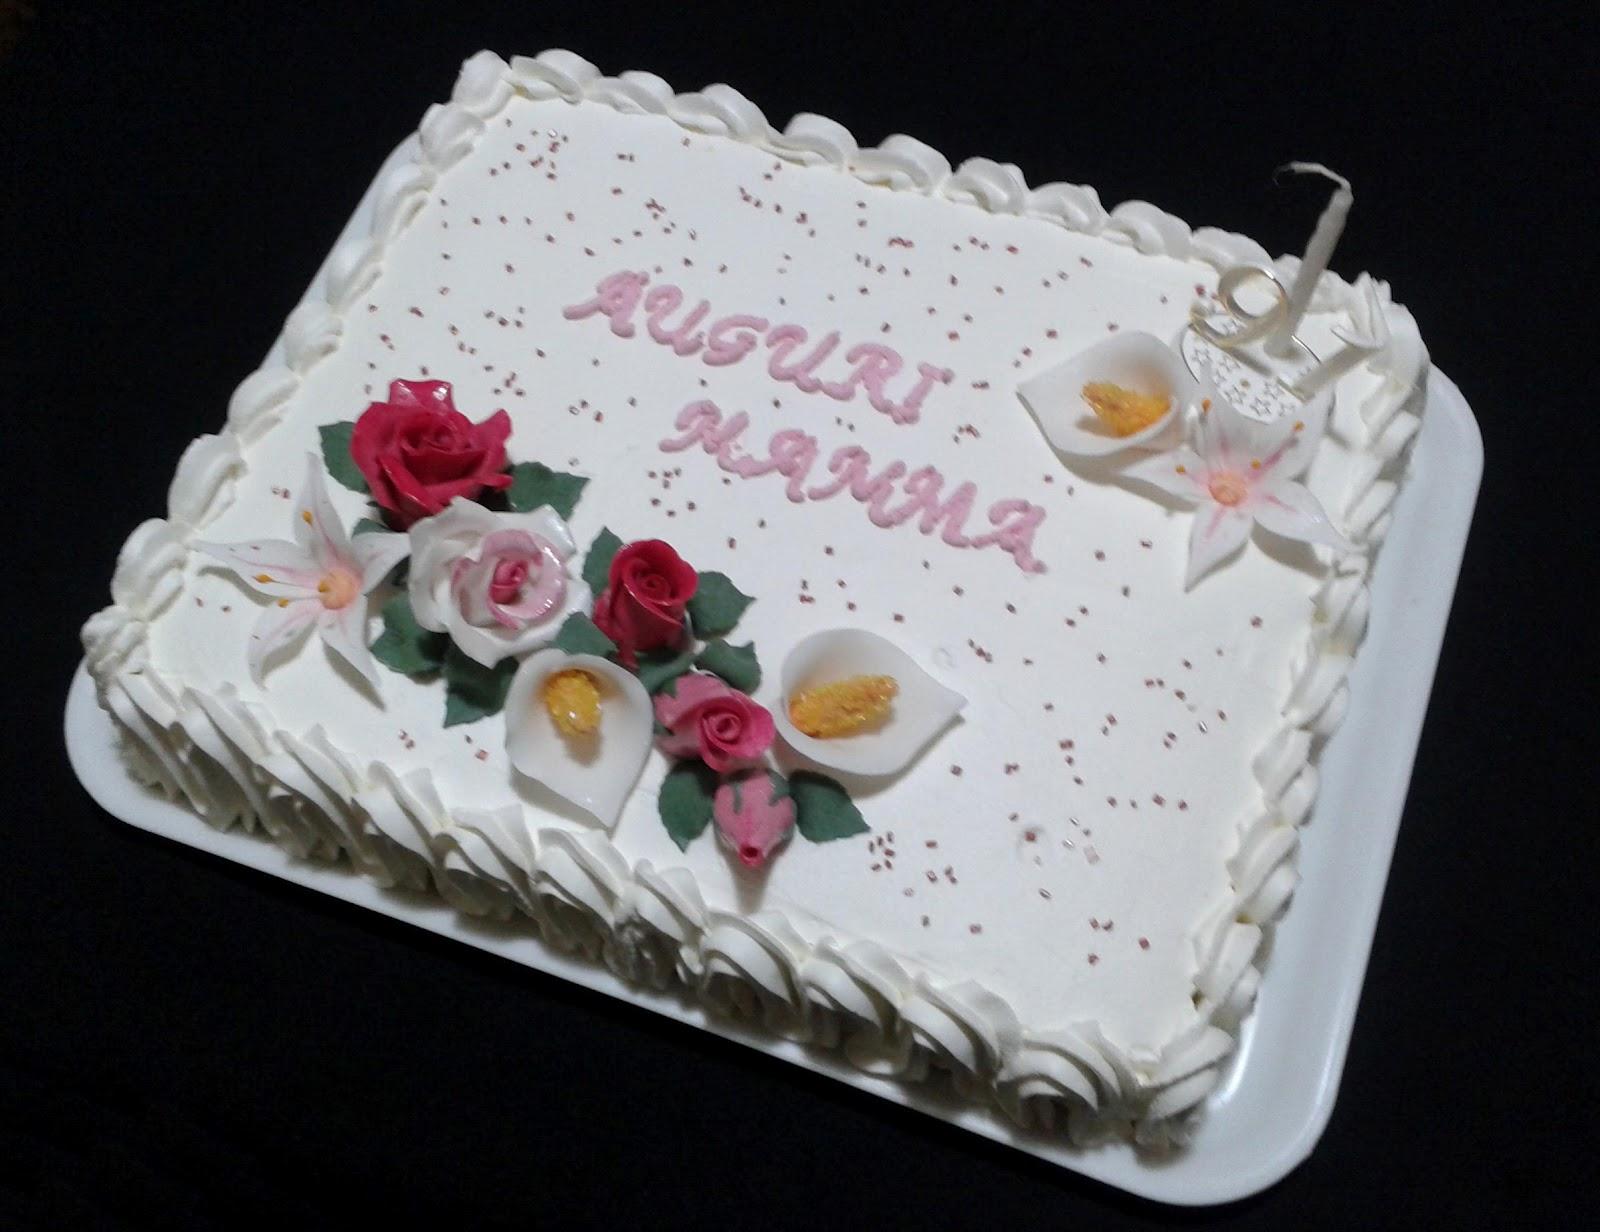 Alessandra e i suoi dolci torta panna e fiori for Decorazioni di torte con panna montata